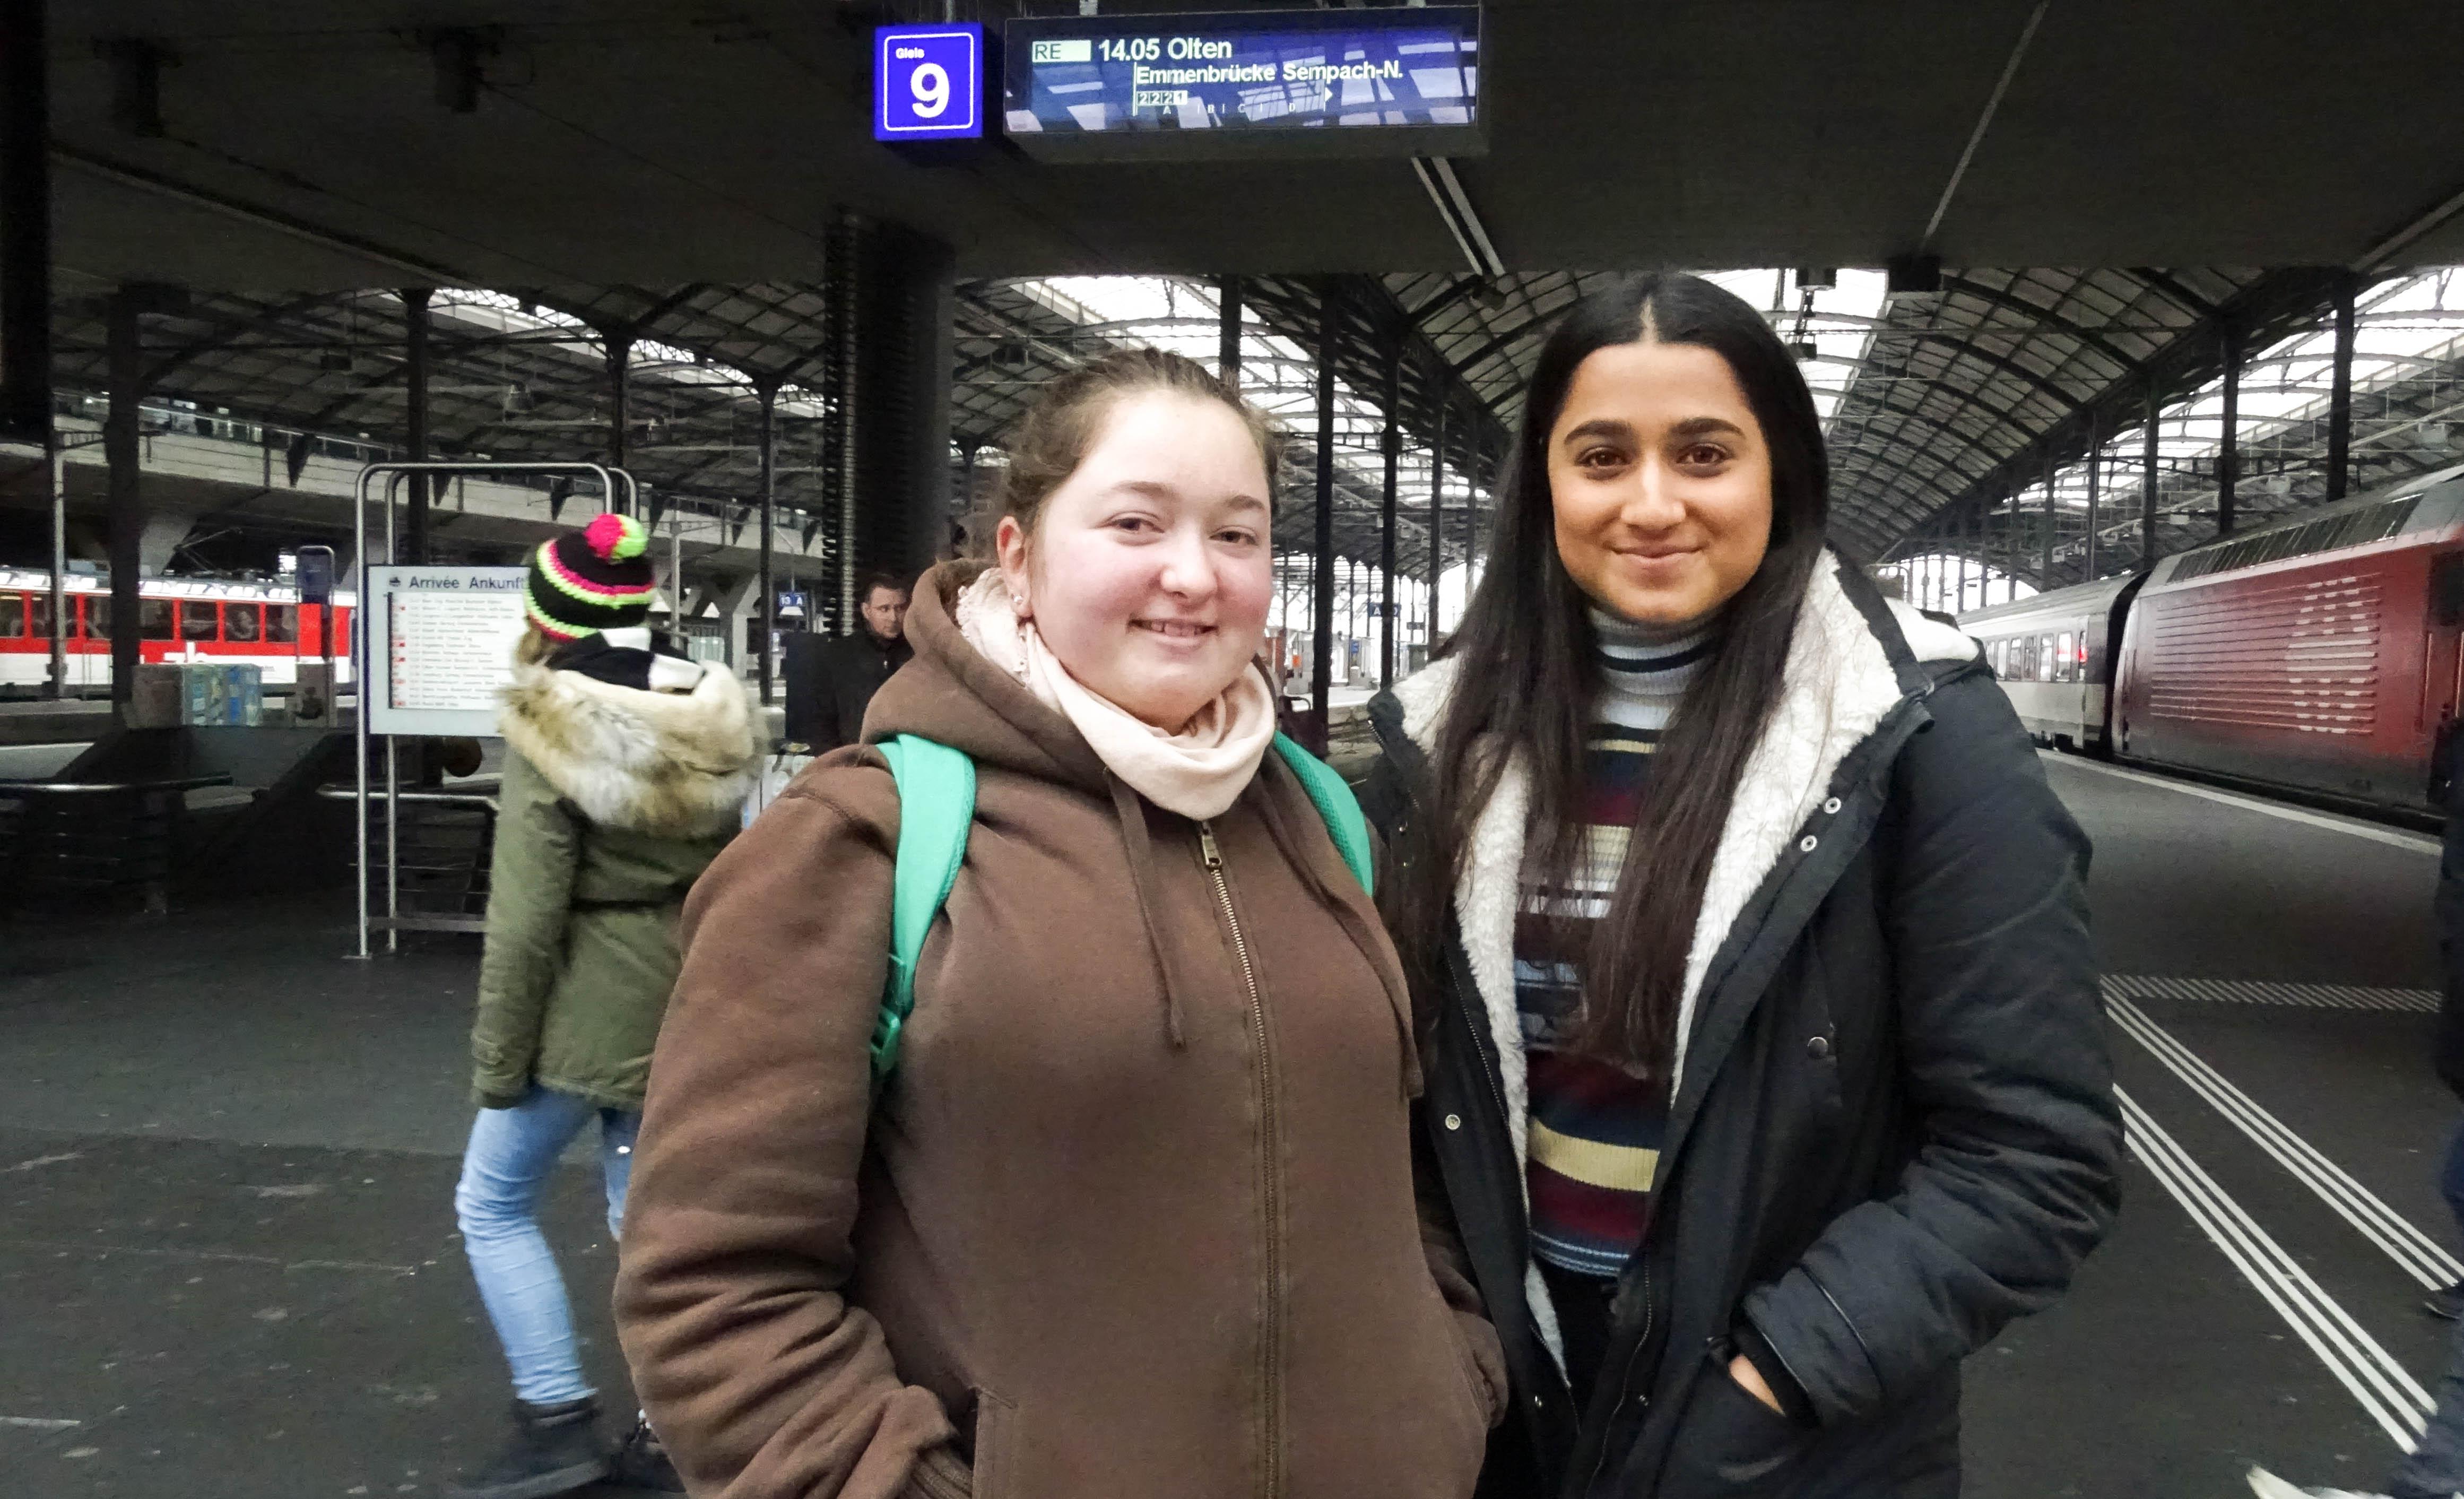 Wer Pelz trägt, sucht nach Ausreden, sagt Arya Akyildiz mit ihrer Kollegin Larissa Gisler.